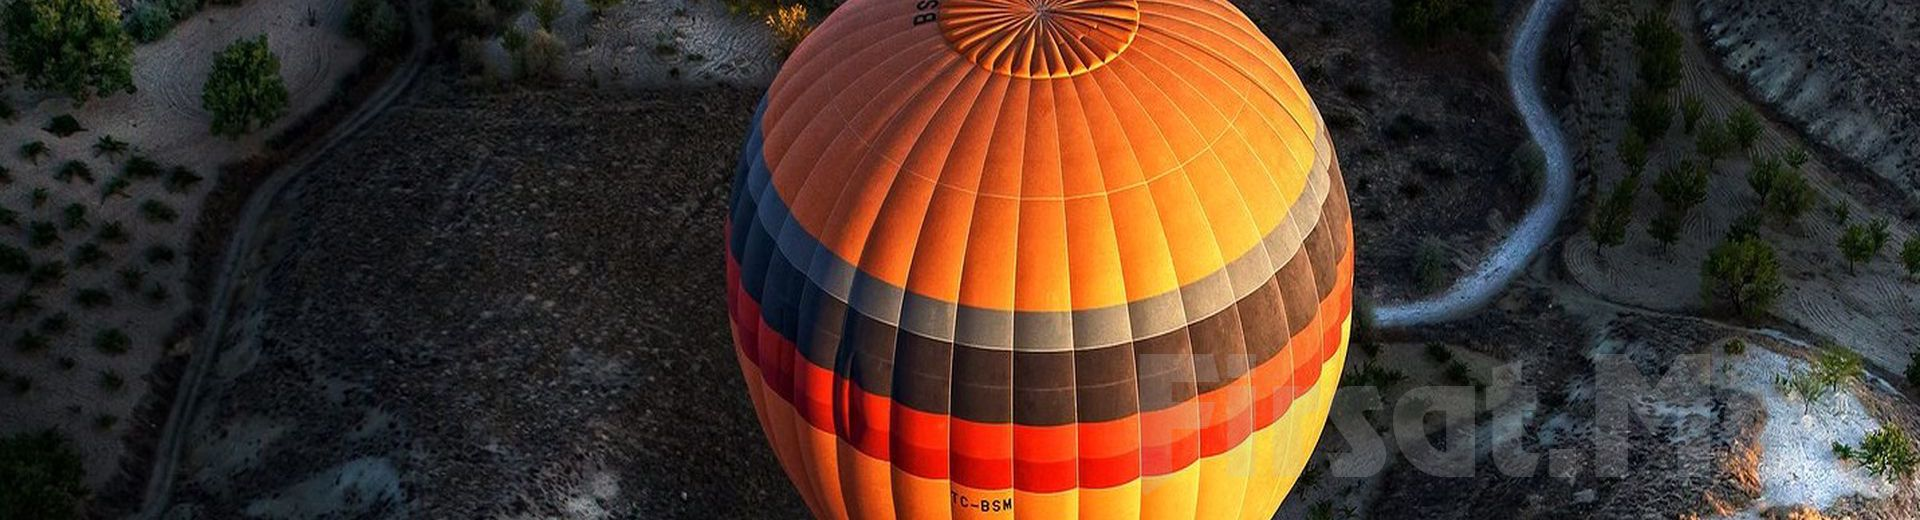 1 Saatlik Kapadokya Balon Turunu 850 TL Yerine 449 TL'ye Almanızı Sağlayacak İndirim Kuponu